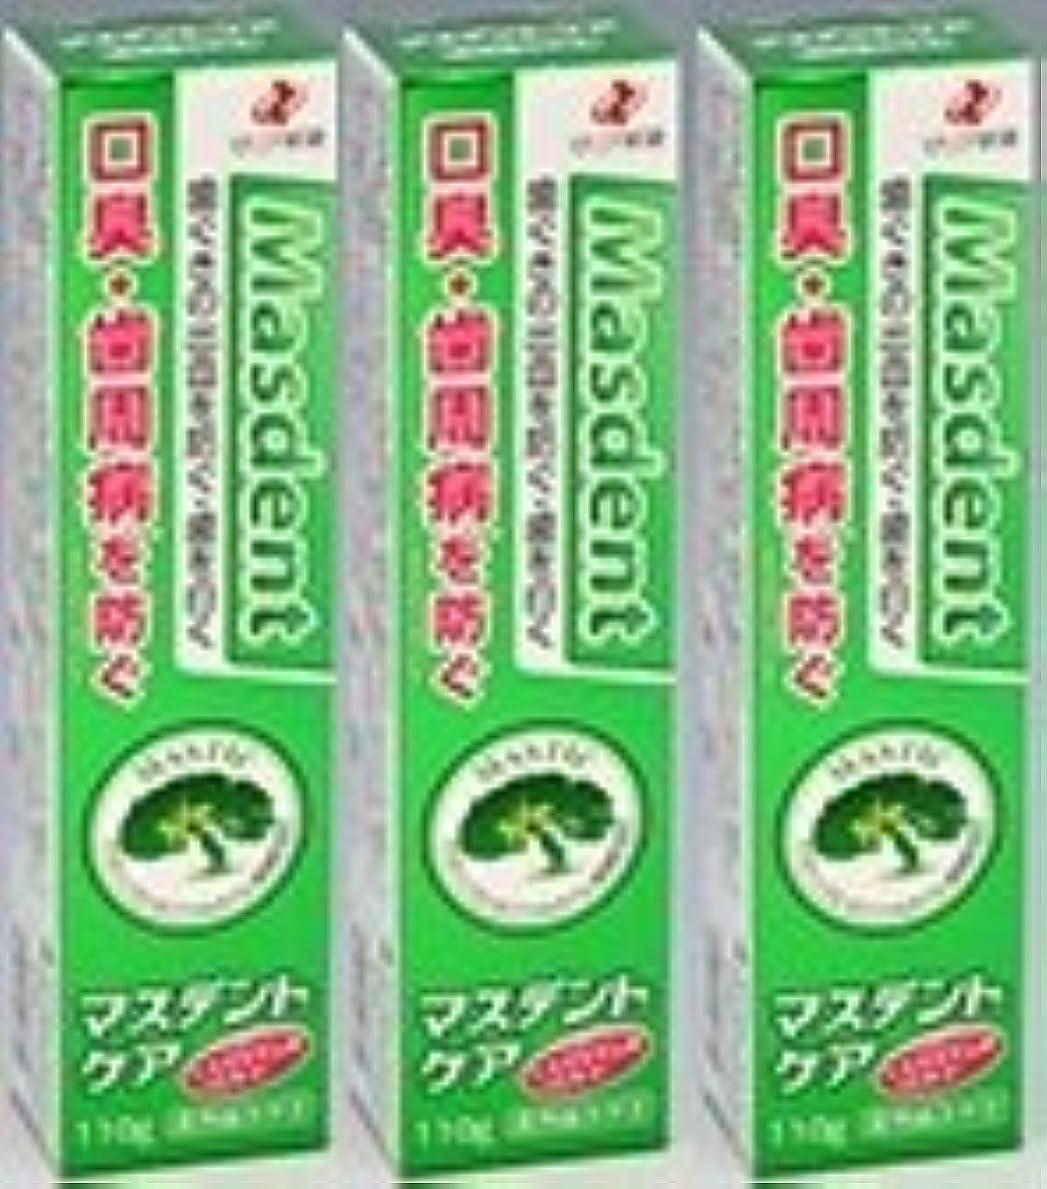 はさみ協定楽しむ薬用歯磨き マスデントケア110g×3本セット